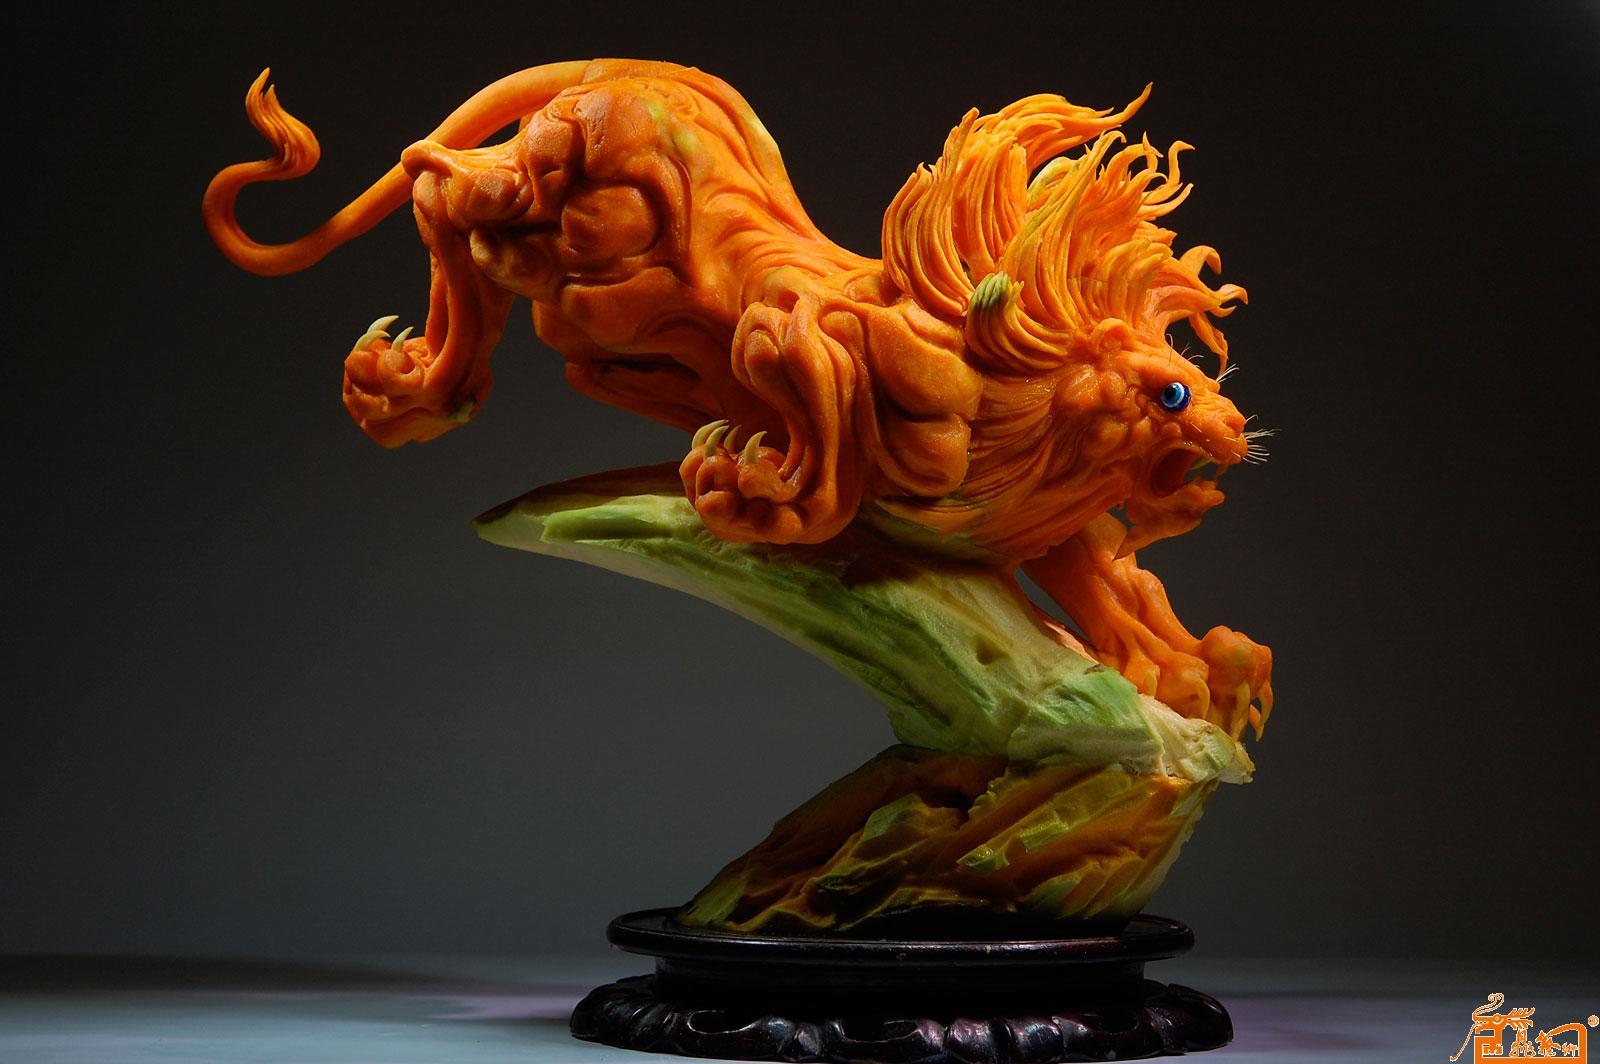 名家 孔令海 国画 - 食品雕刻动物作品-作品:《雄狮》 原料:南瓜